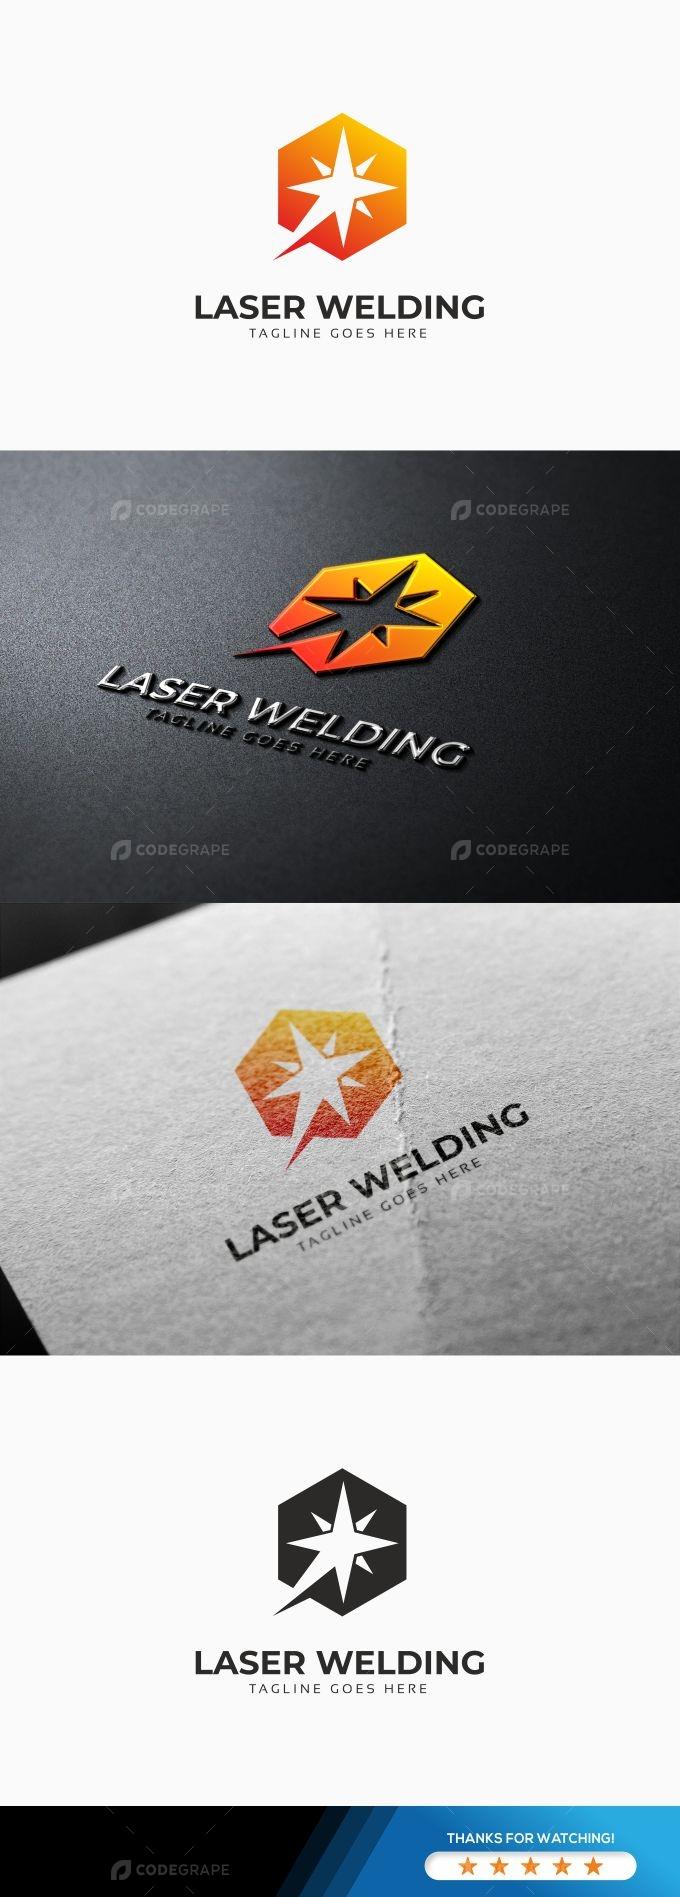 Laser Welding Logo